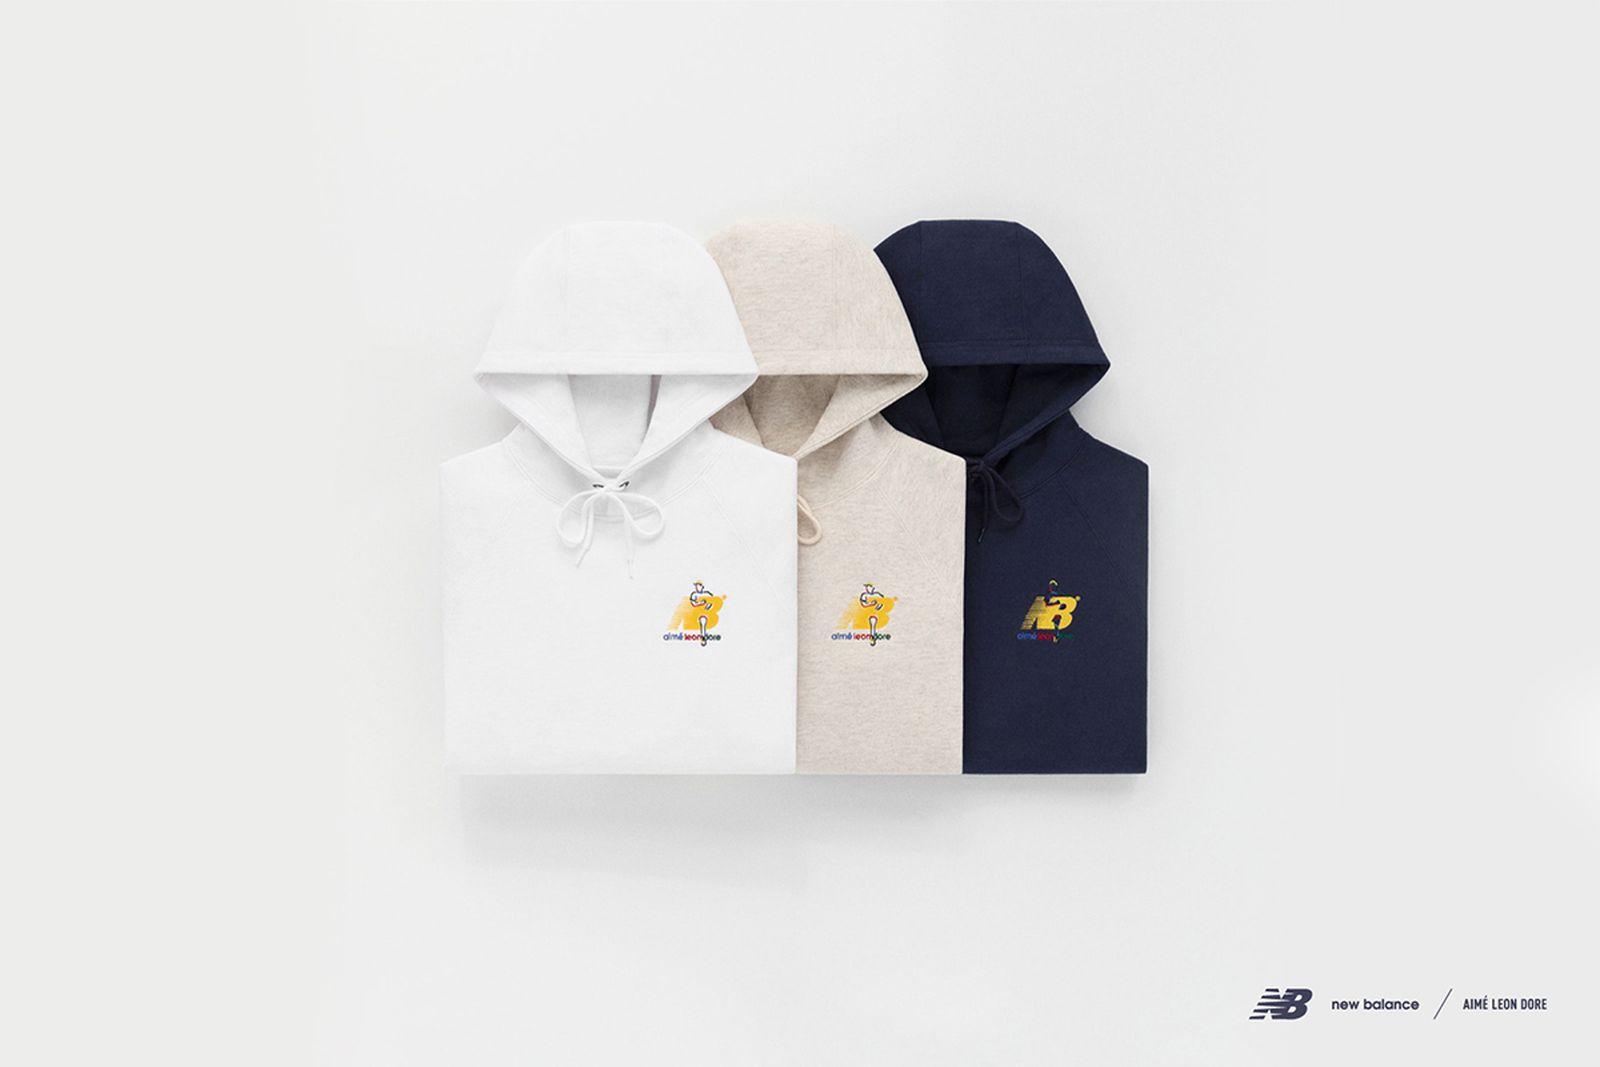 aime-leon-dore-new-balance-827-release-date-price-1-04